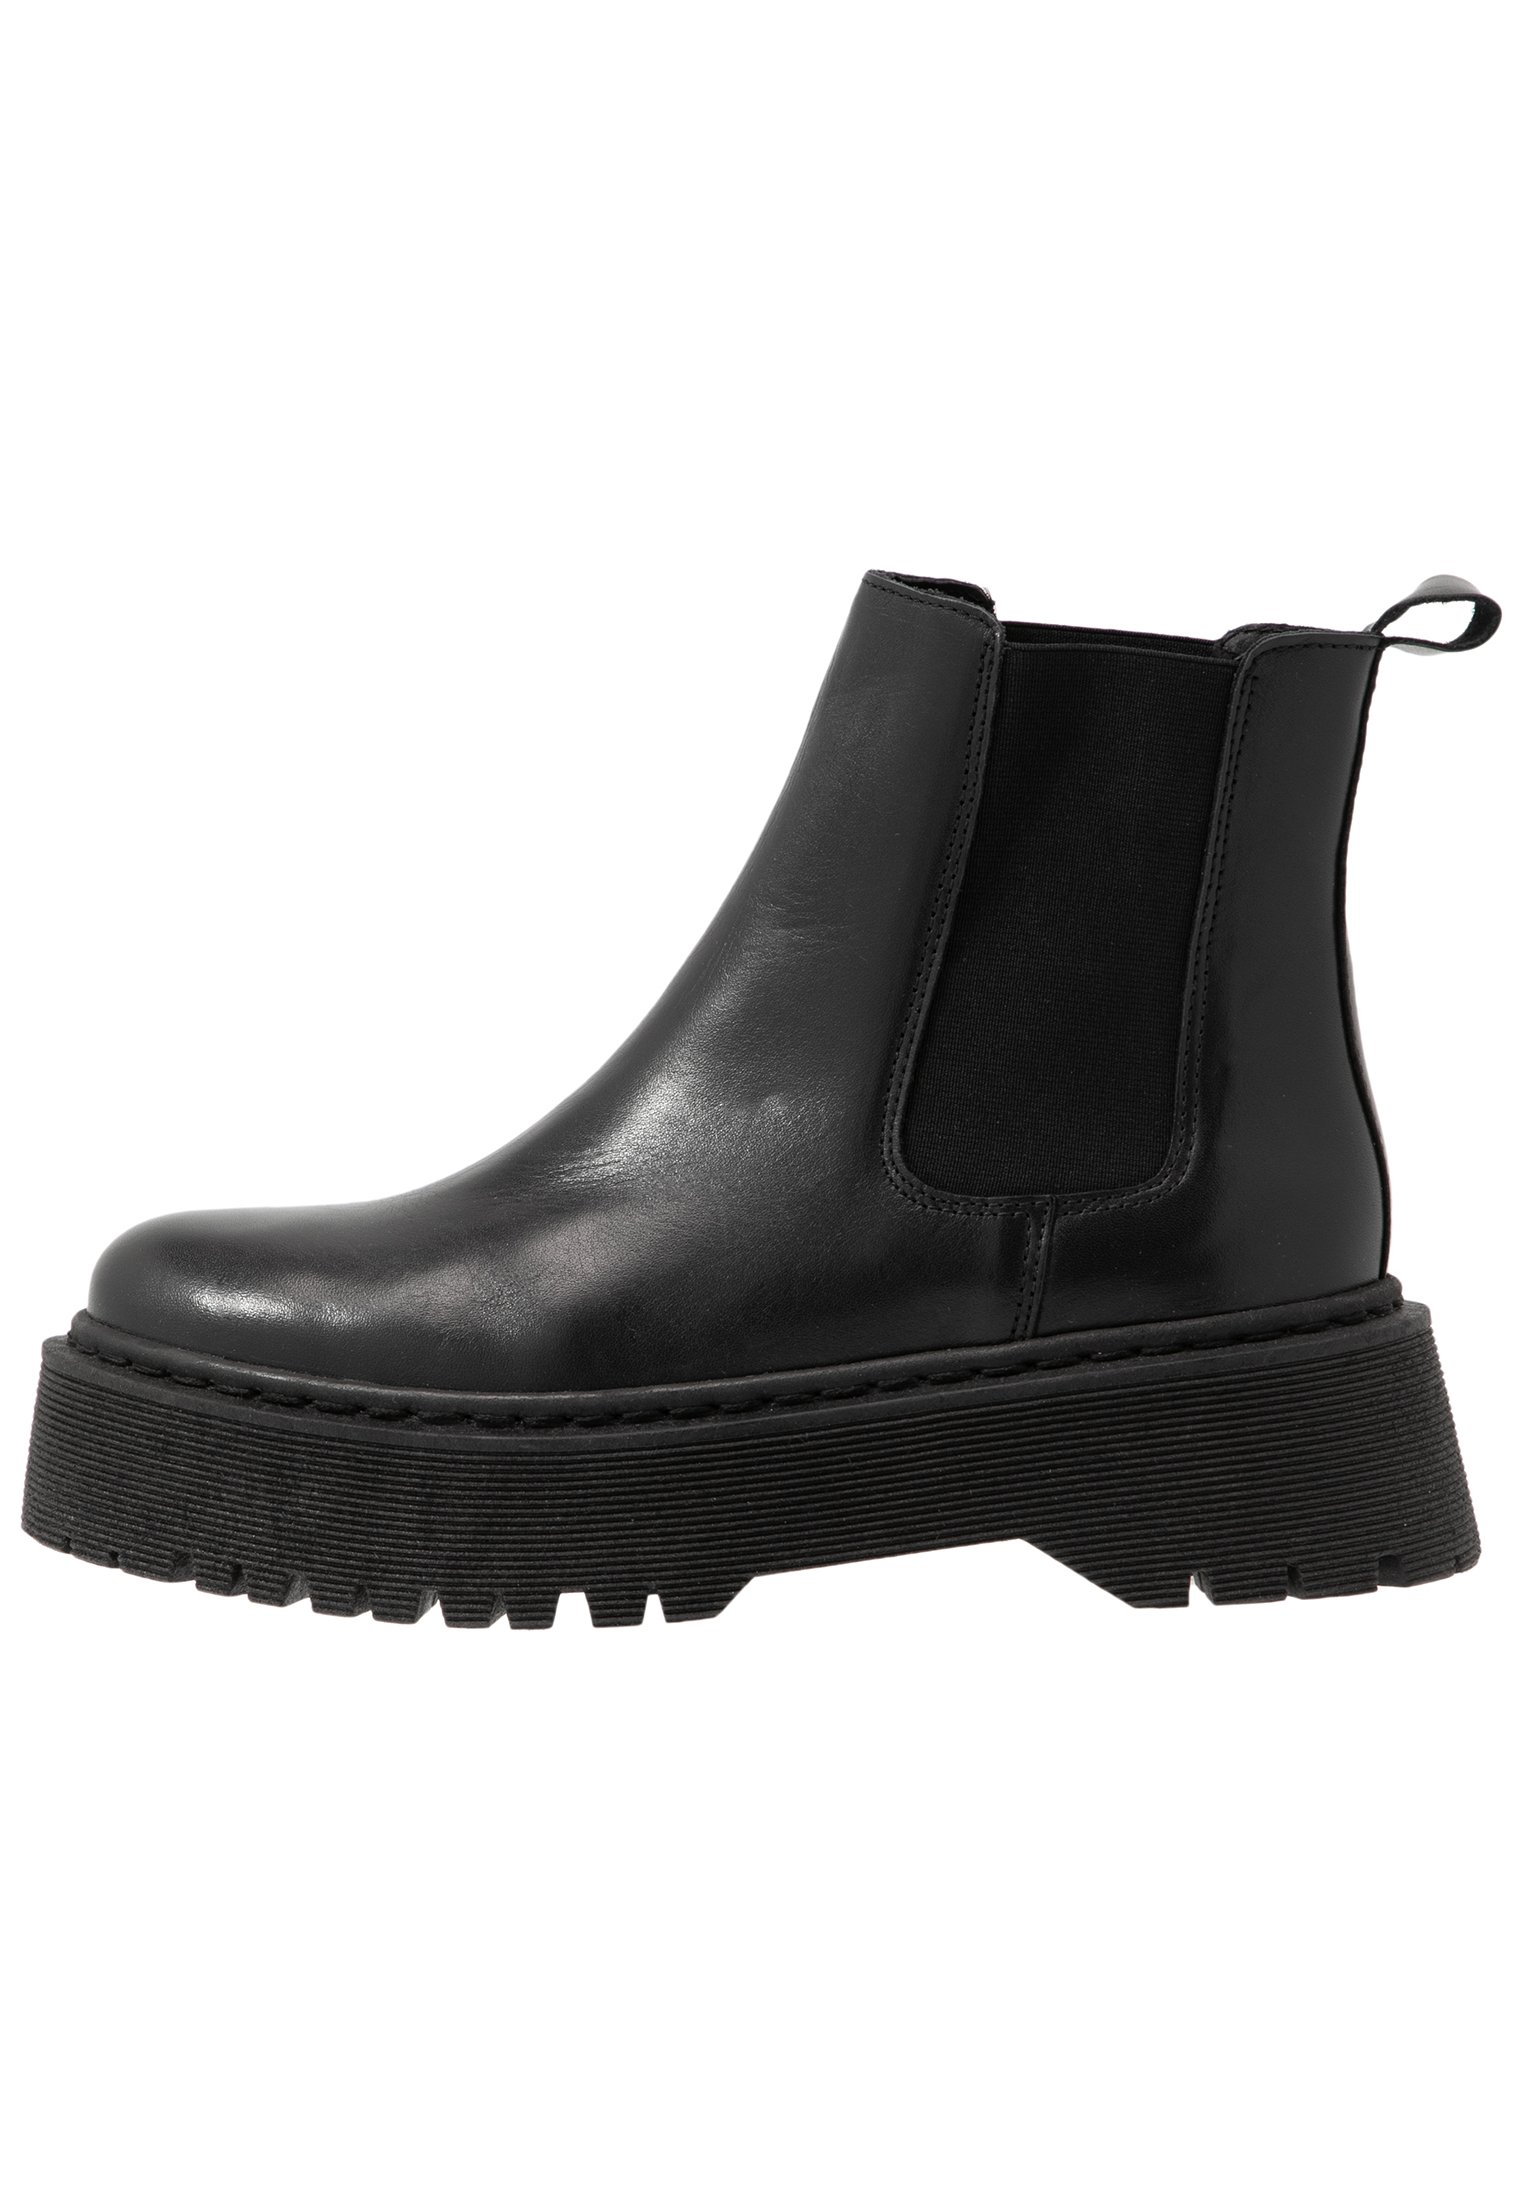 Zign Ankelboots - Black